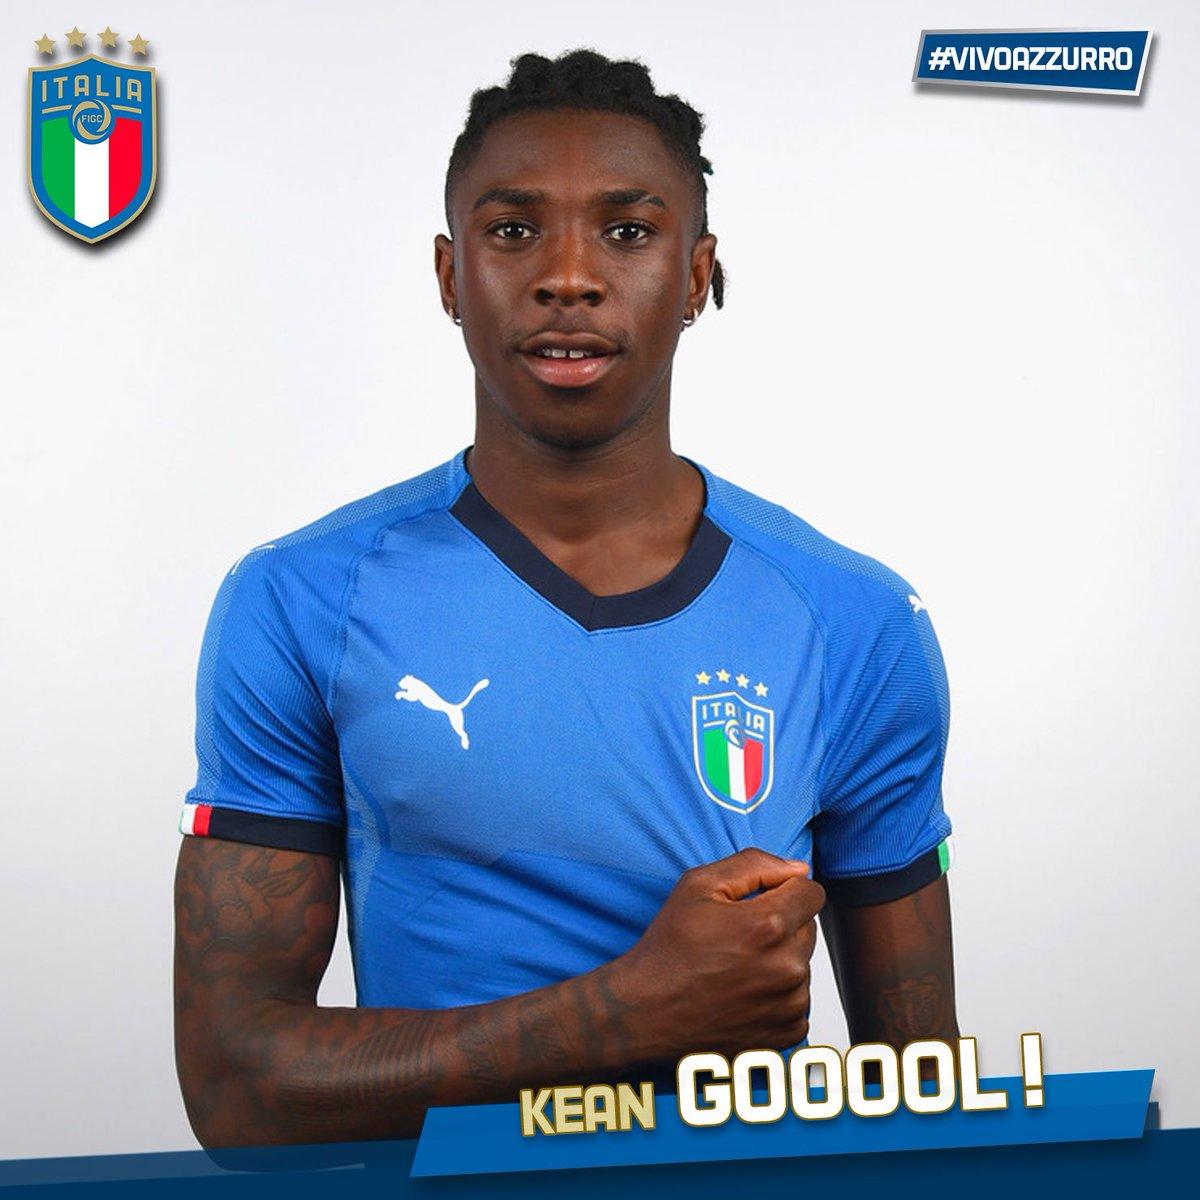 Nazionale Italiana's photo on #ITAFIN